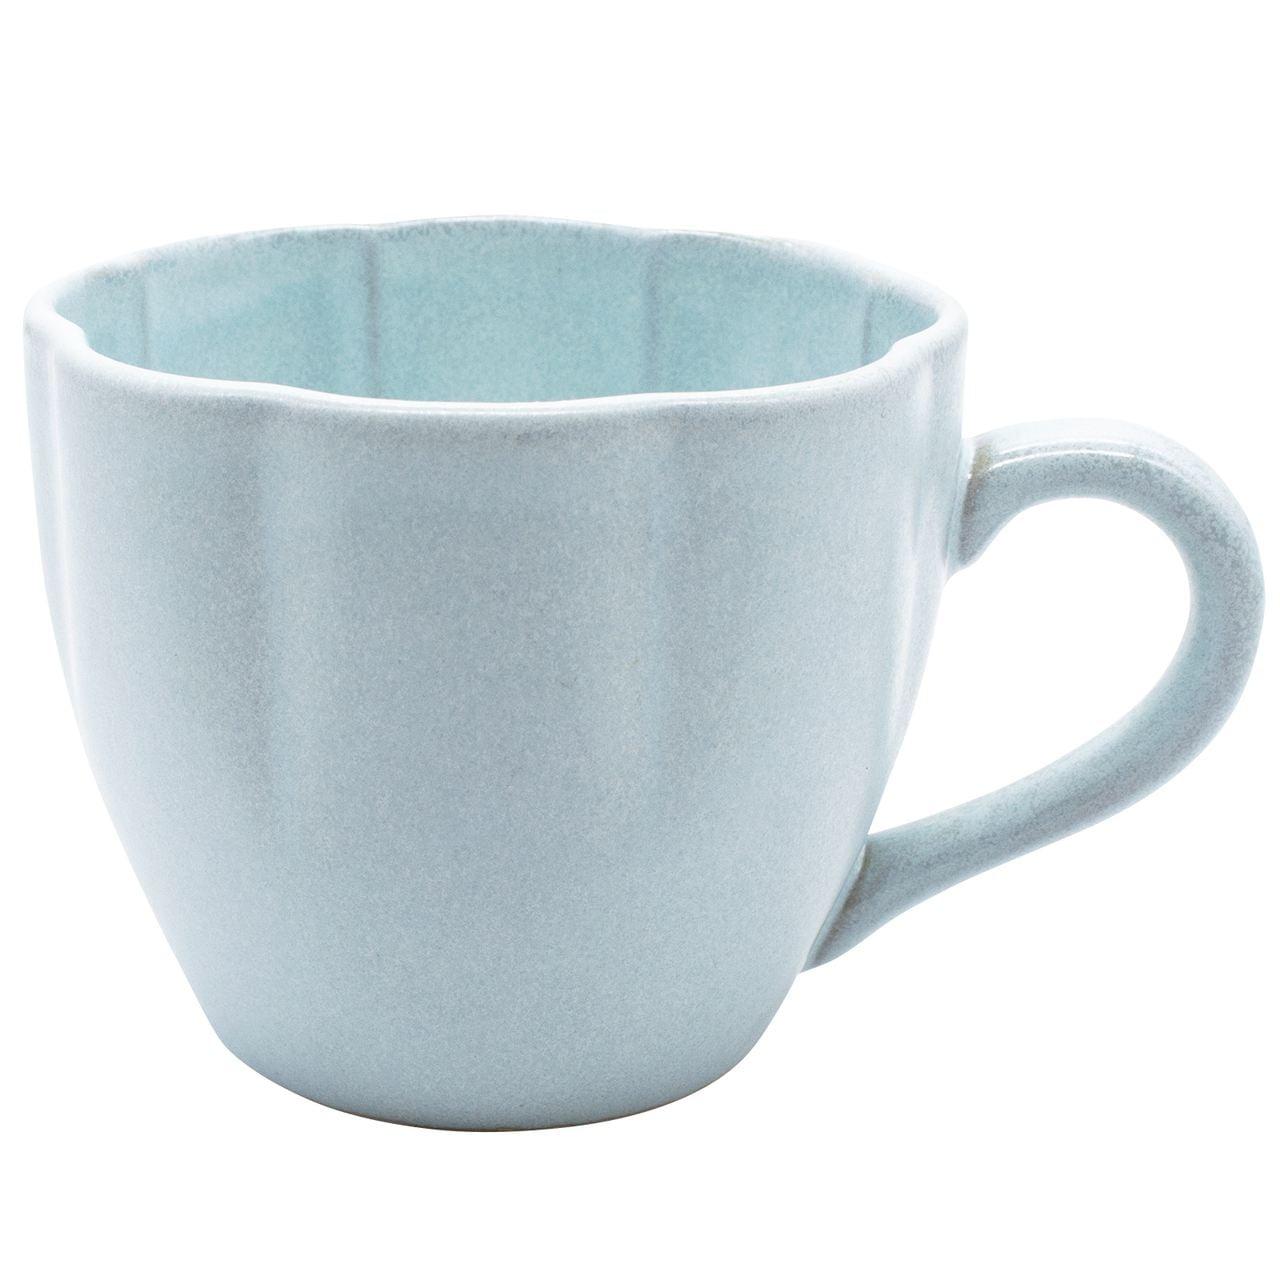 aito製作所 「花 hana」マグカップ 360ml みずはだ 瀬戸焼 288182